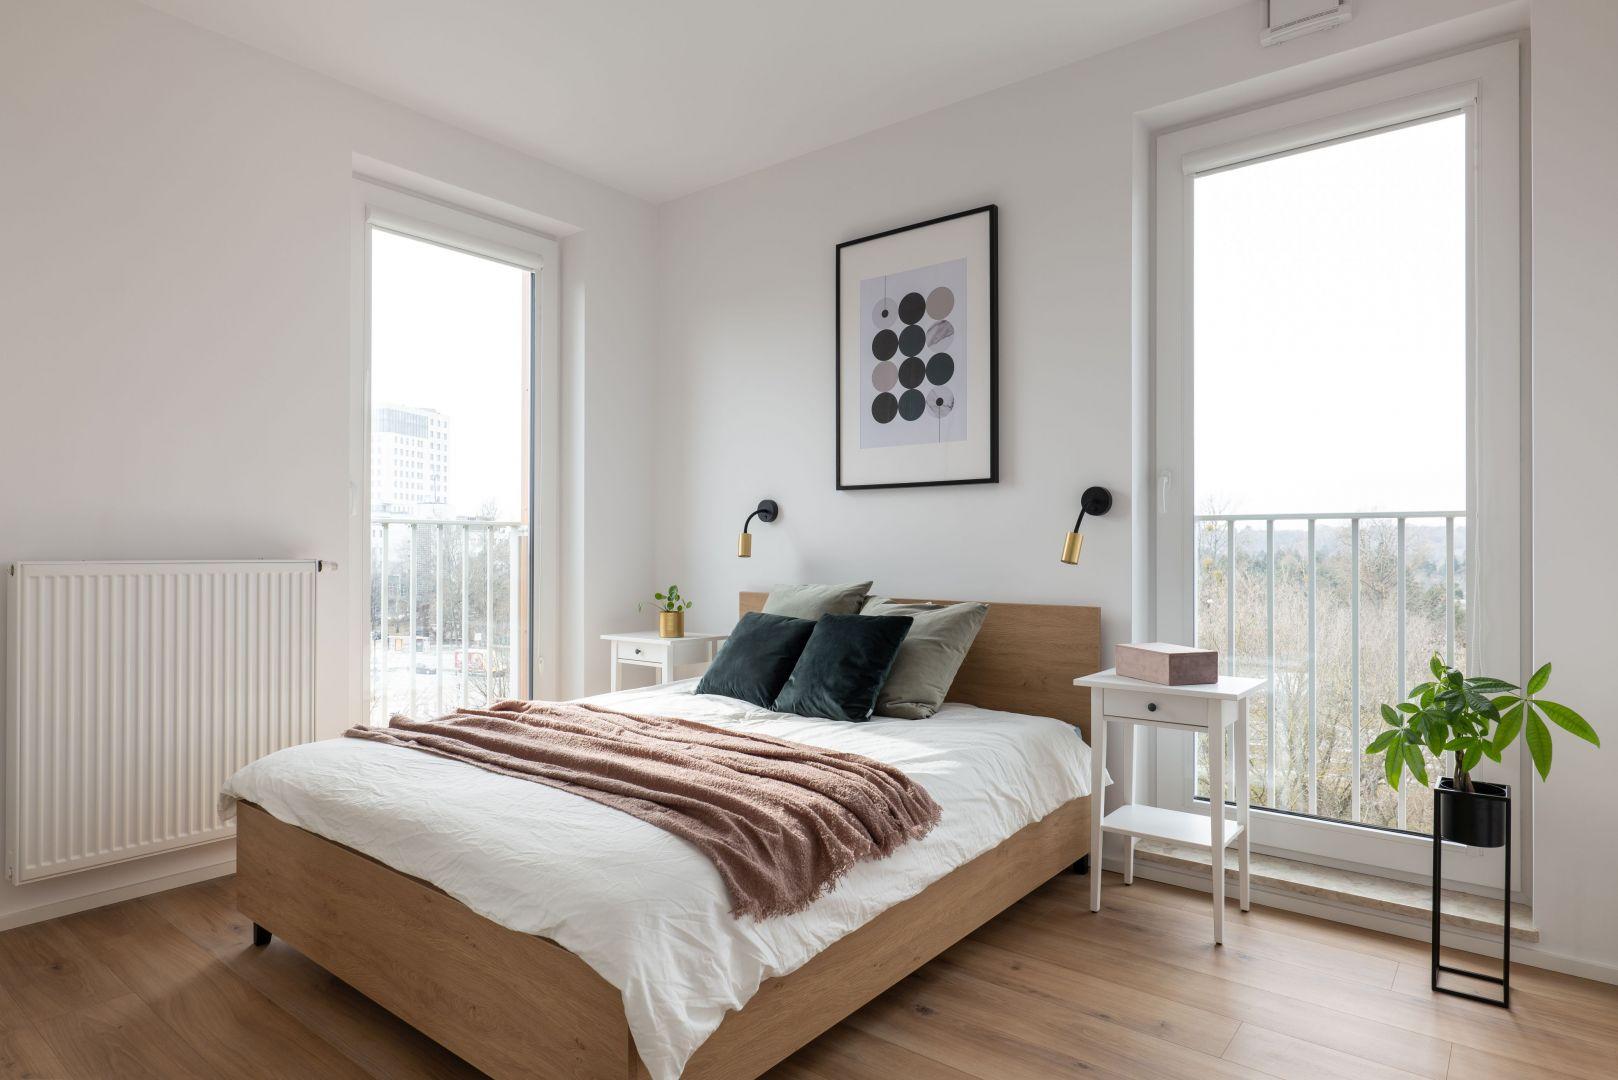 Ściana za łóżkiem w sypialni wykończona jest farbą w białym kolorze. Projekt i zdjęcia: KODO Projekty i Realizacje Wnętrz